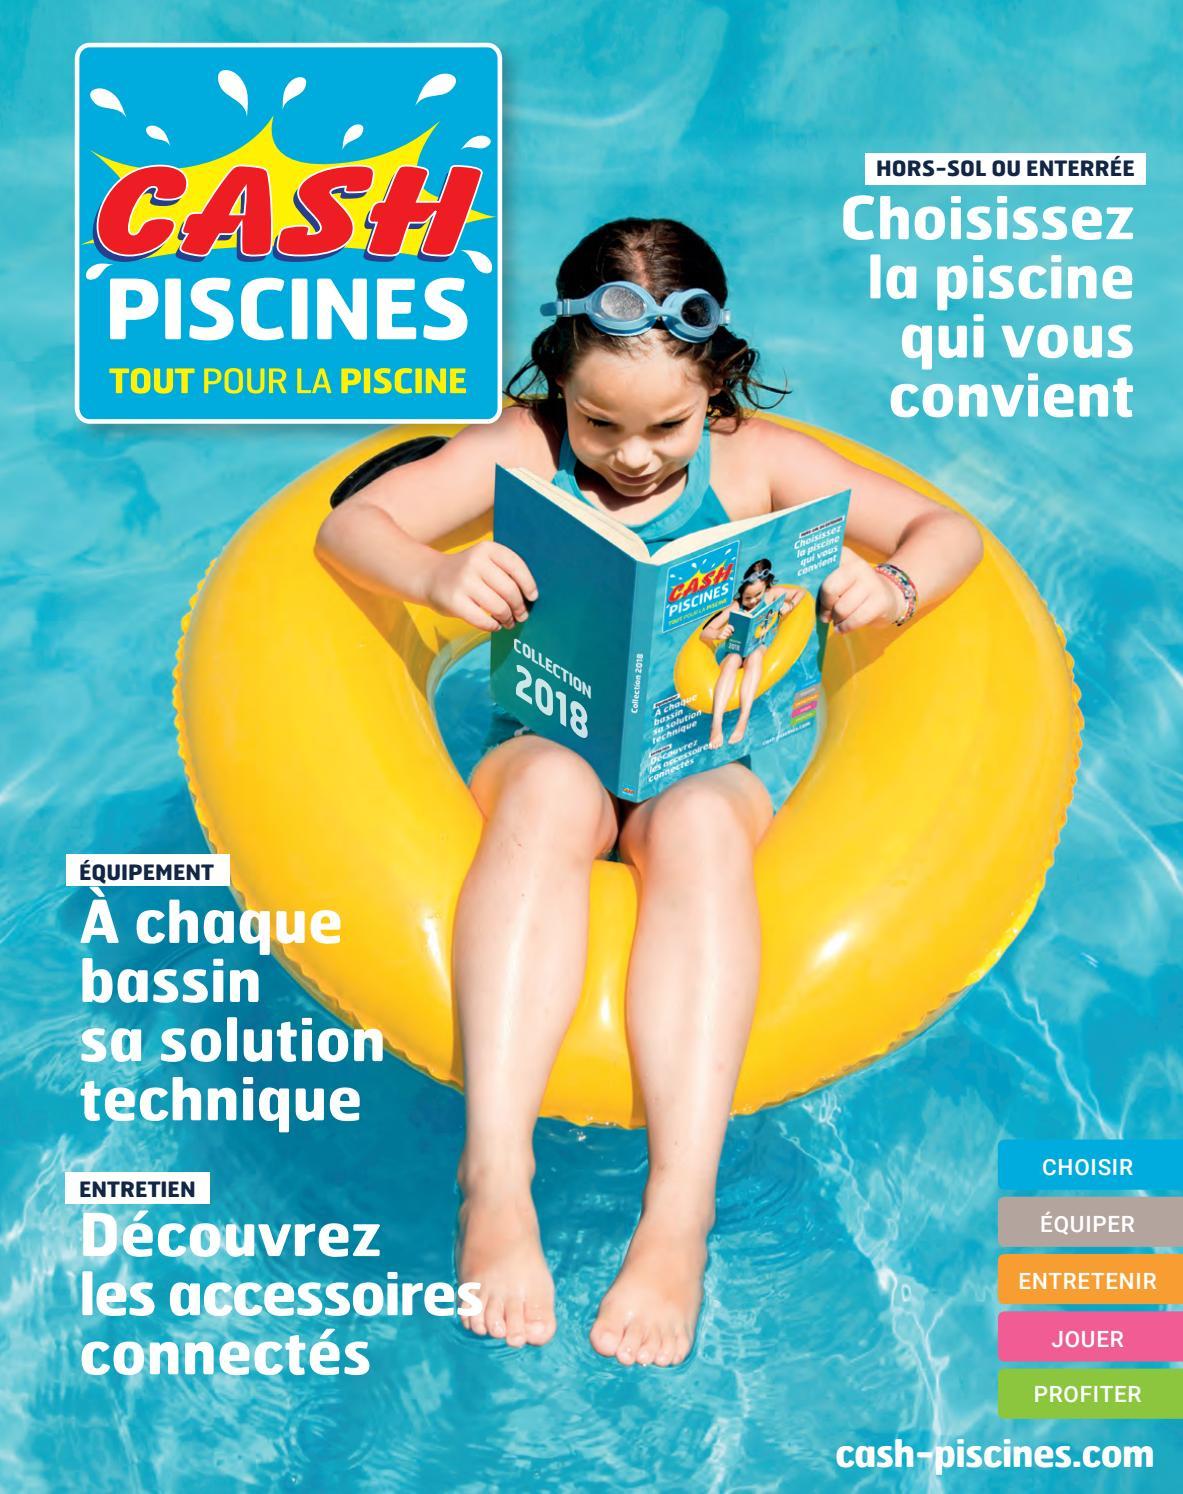 Catalogue Cash Piscine 2018 By Octave Octave - Issuu avec Cash Piscine La Roche Sur Yon